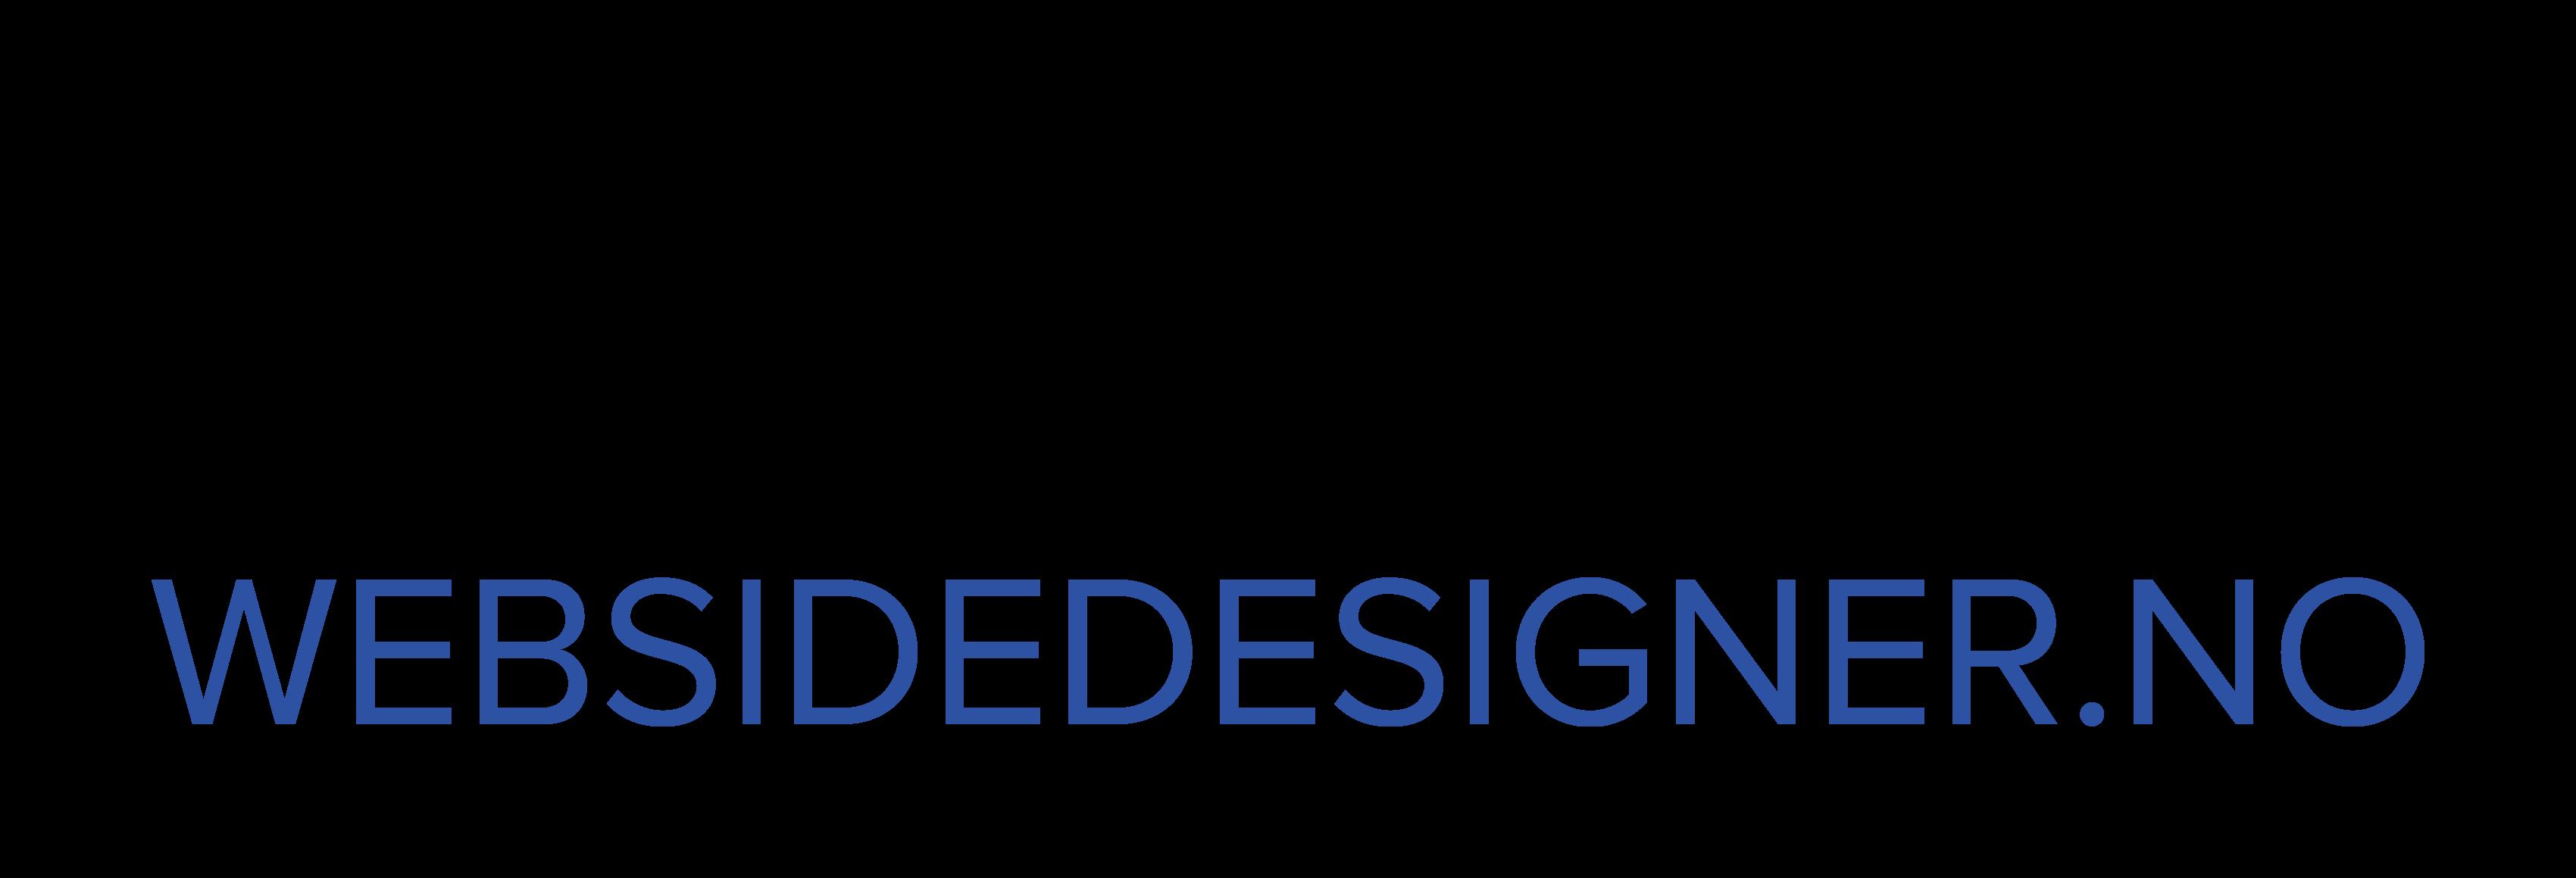 Websidedesigner.no